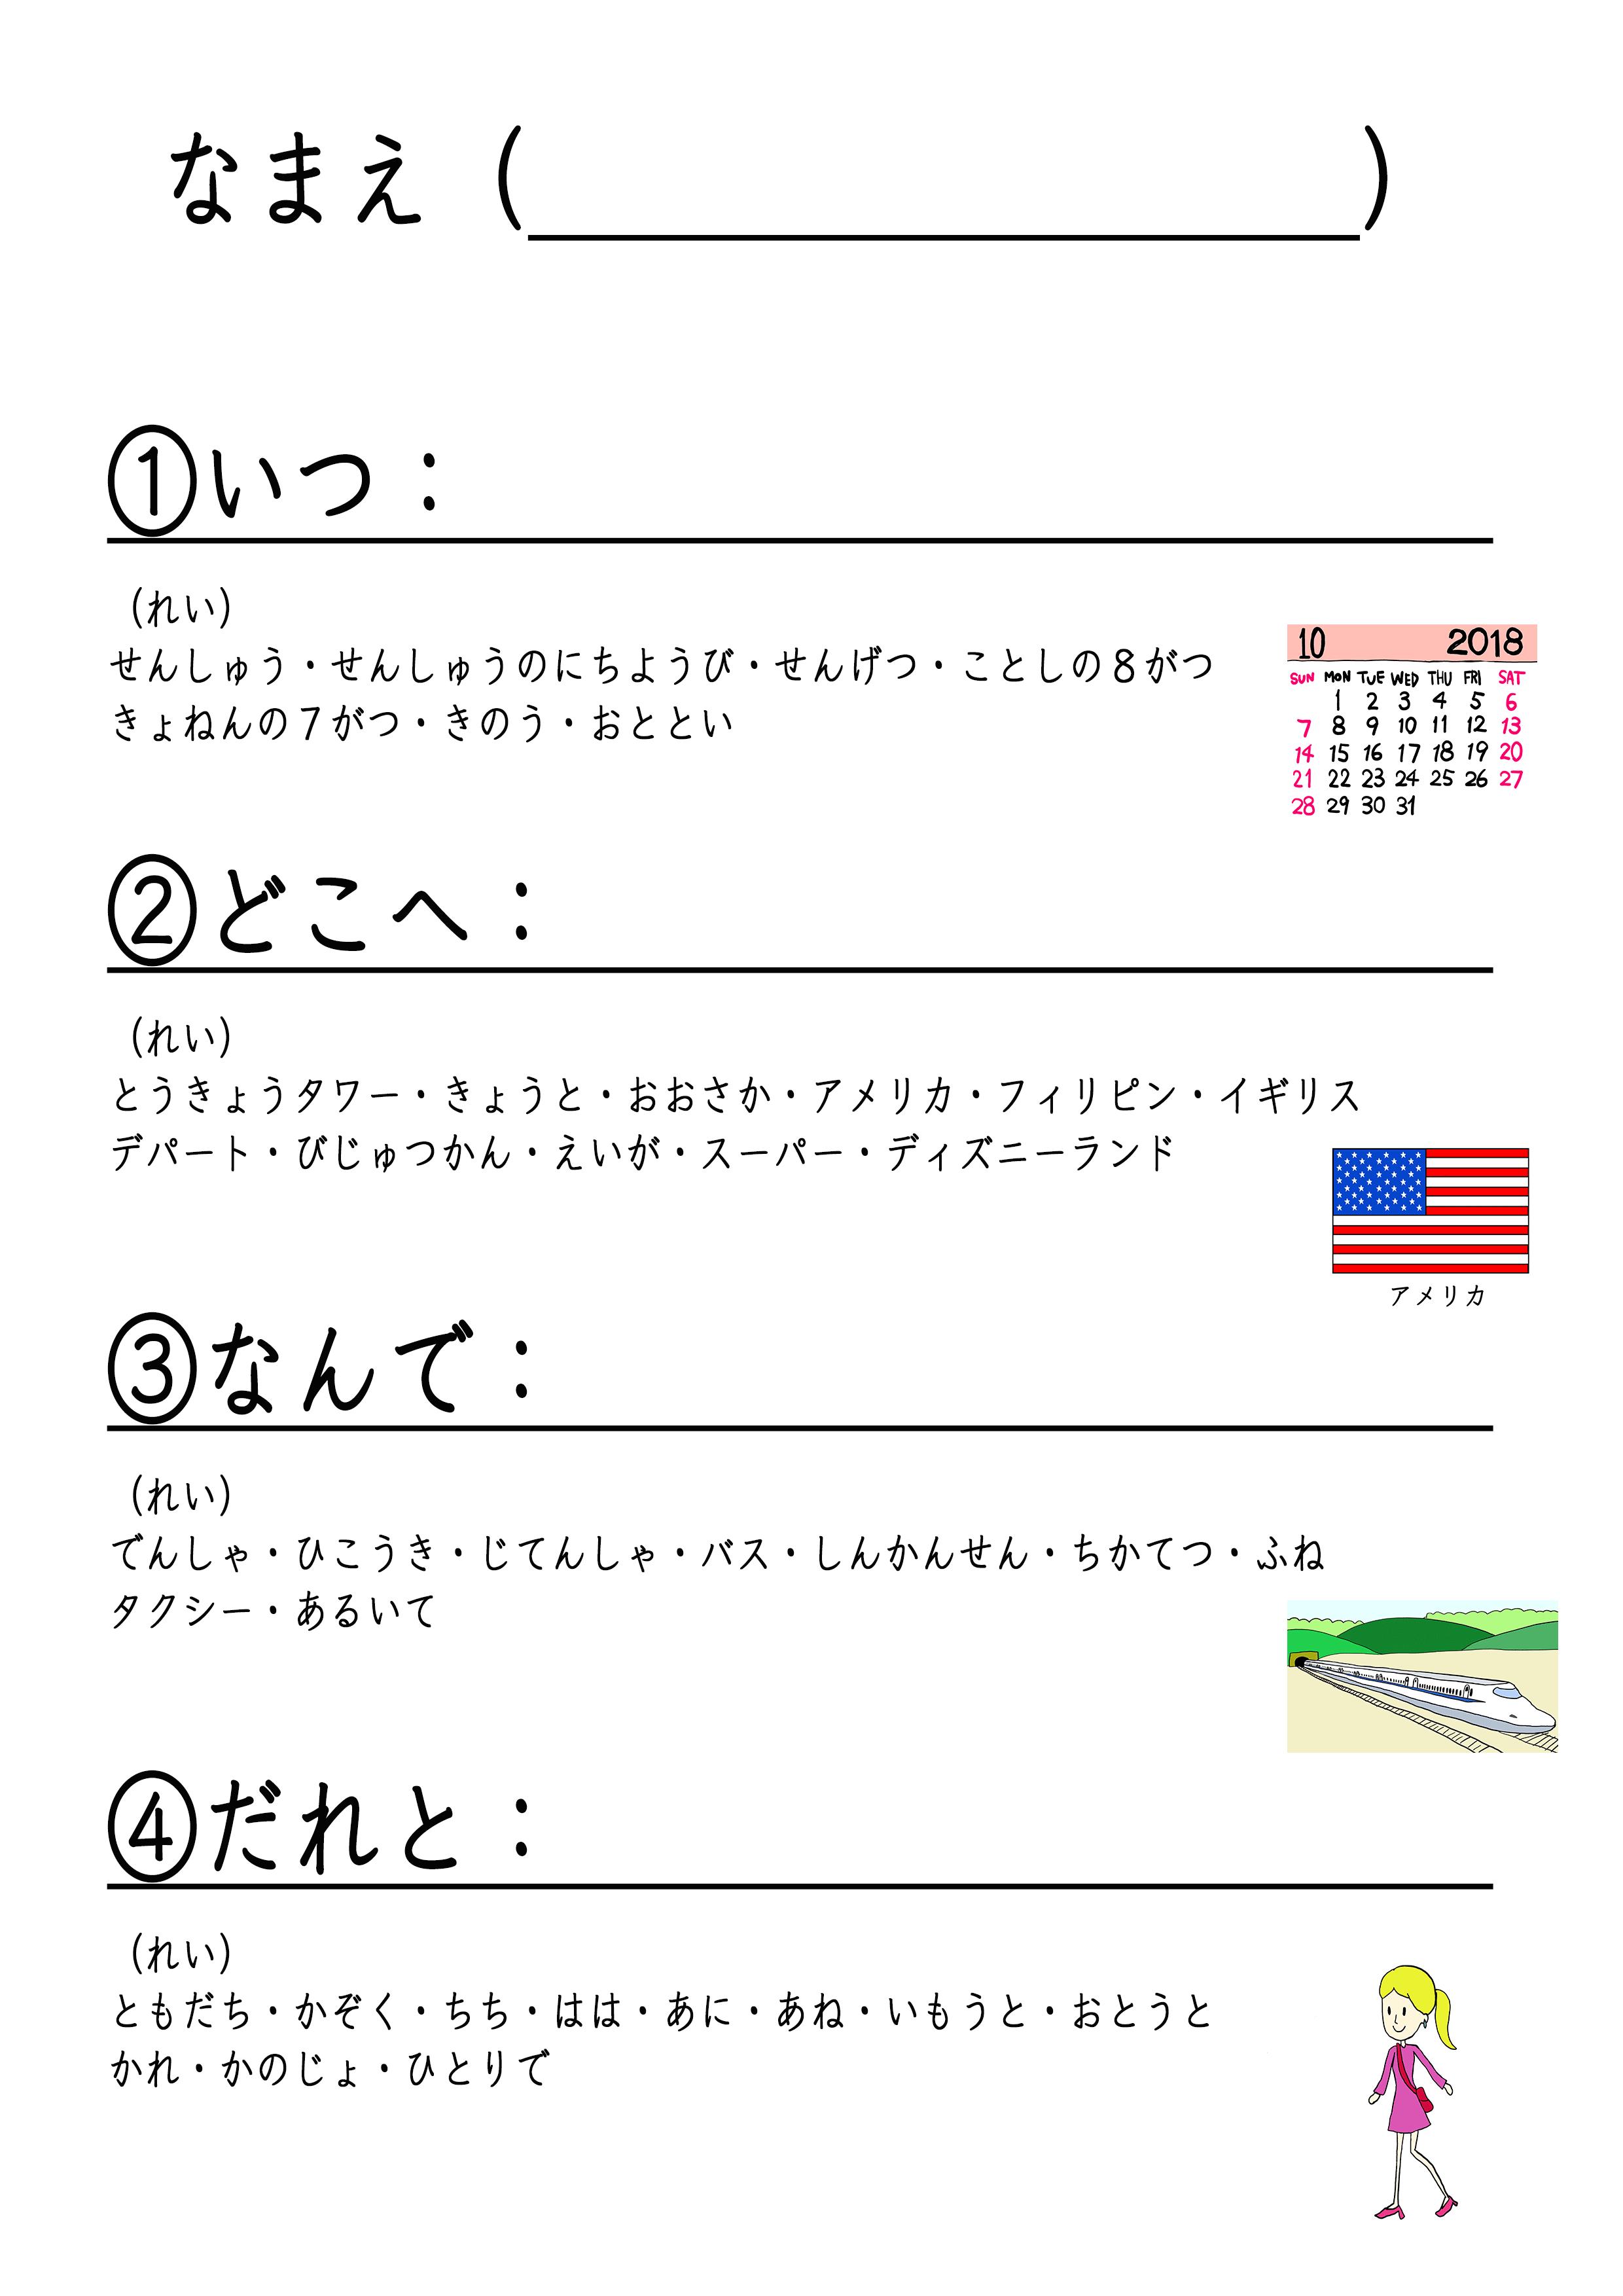 日本語教師のためのワークシート「いつ・どこで」